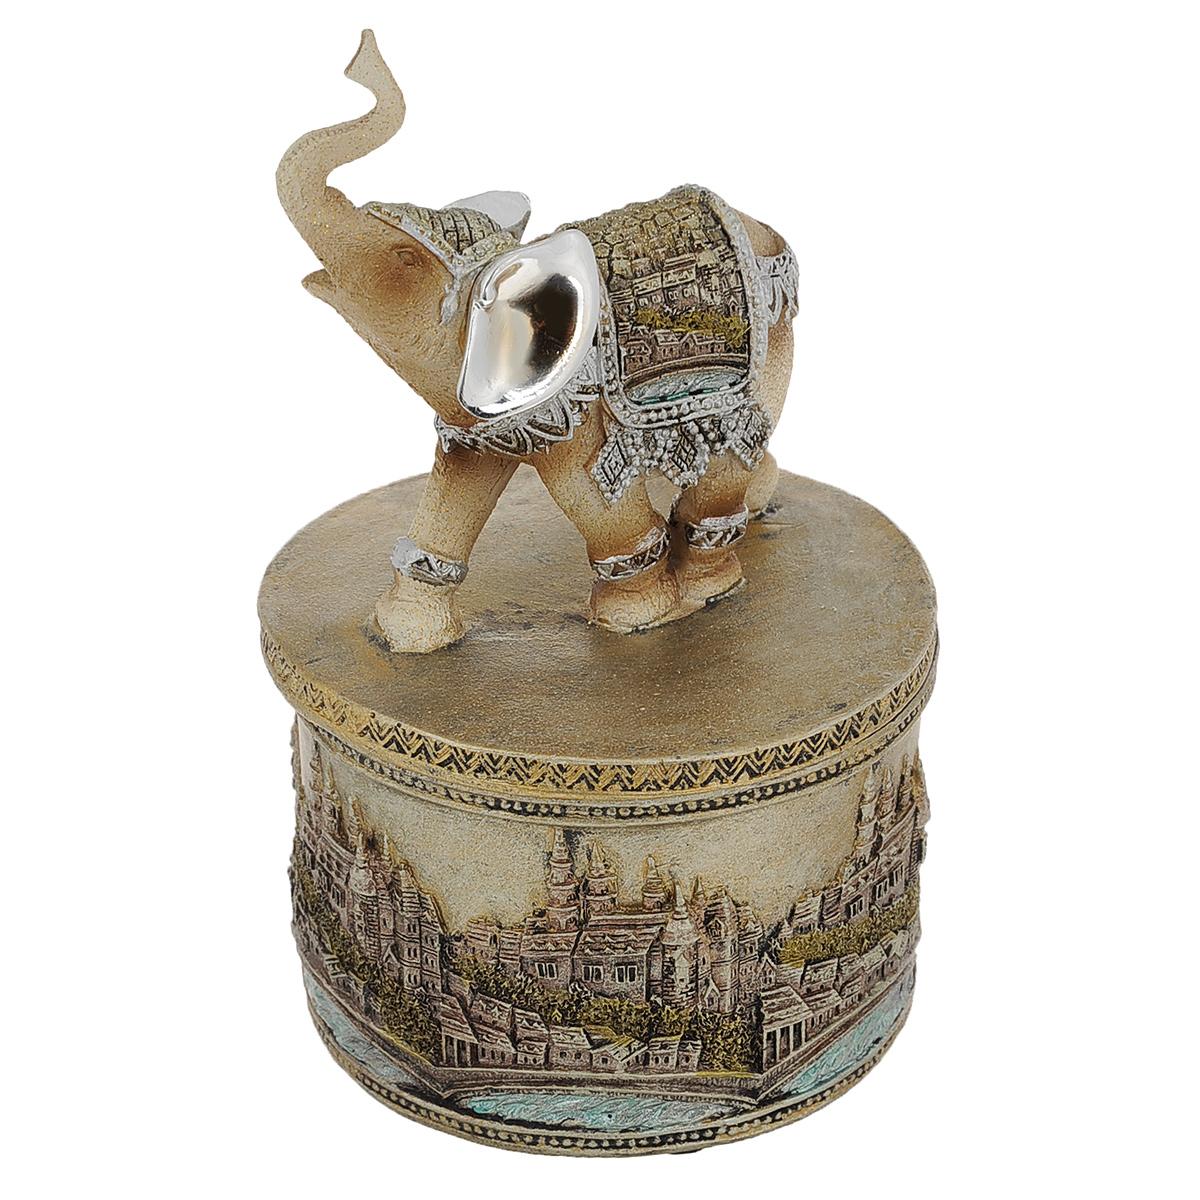 Статуэтка-шкатулка Molento Слон мира, высота 17,5 смKT400(4)Очаровательная статуэтка Molento Слон мира станет оригинальным подарком для всех любителей стильных вещей. Она выполнена из полистоунав серебристо-золотистых тонах в виде шкатулки, крышка которой оснащена ручкой в форме слона. Изысканный сувенир станет прекрасным дополнением к интерьеру. Вы можете поставить статуэтку в любом месте, где она будет удачно смотреться, и радовать глаз.